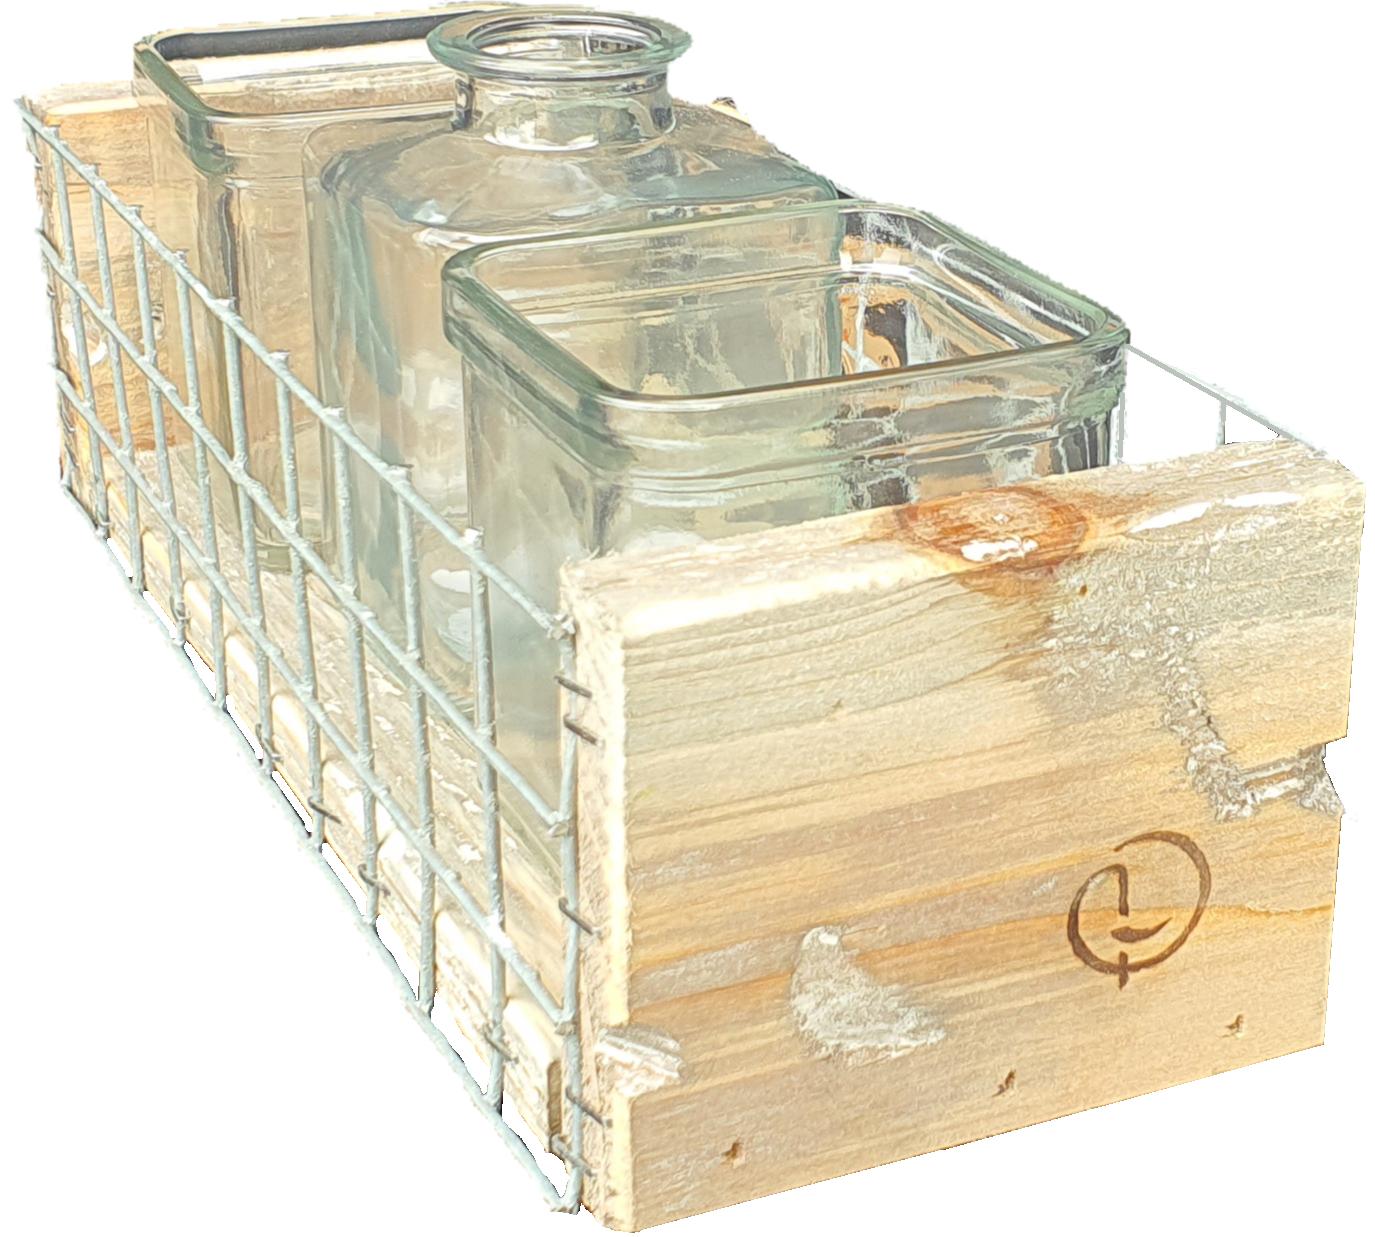 tray old dutchglass bask SQ3-1